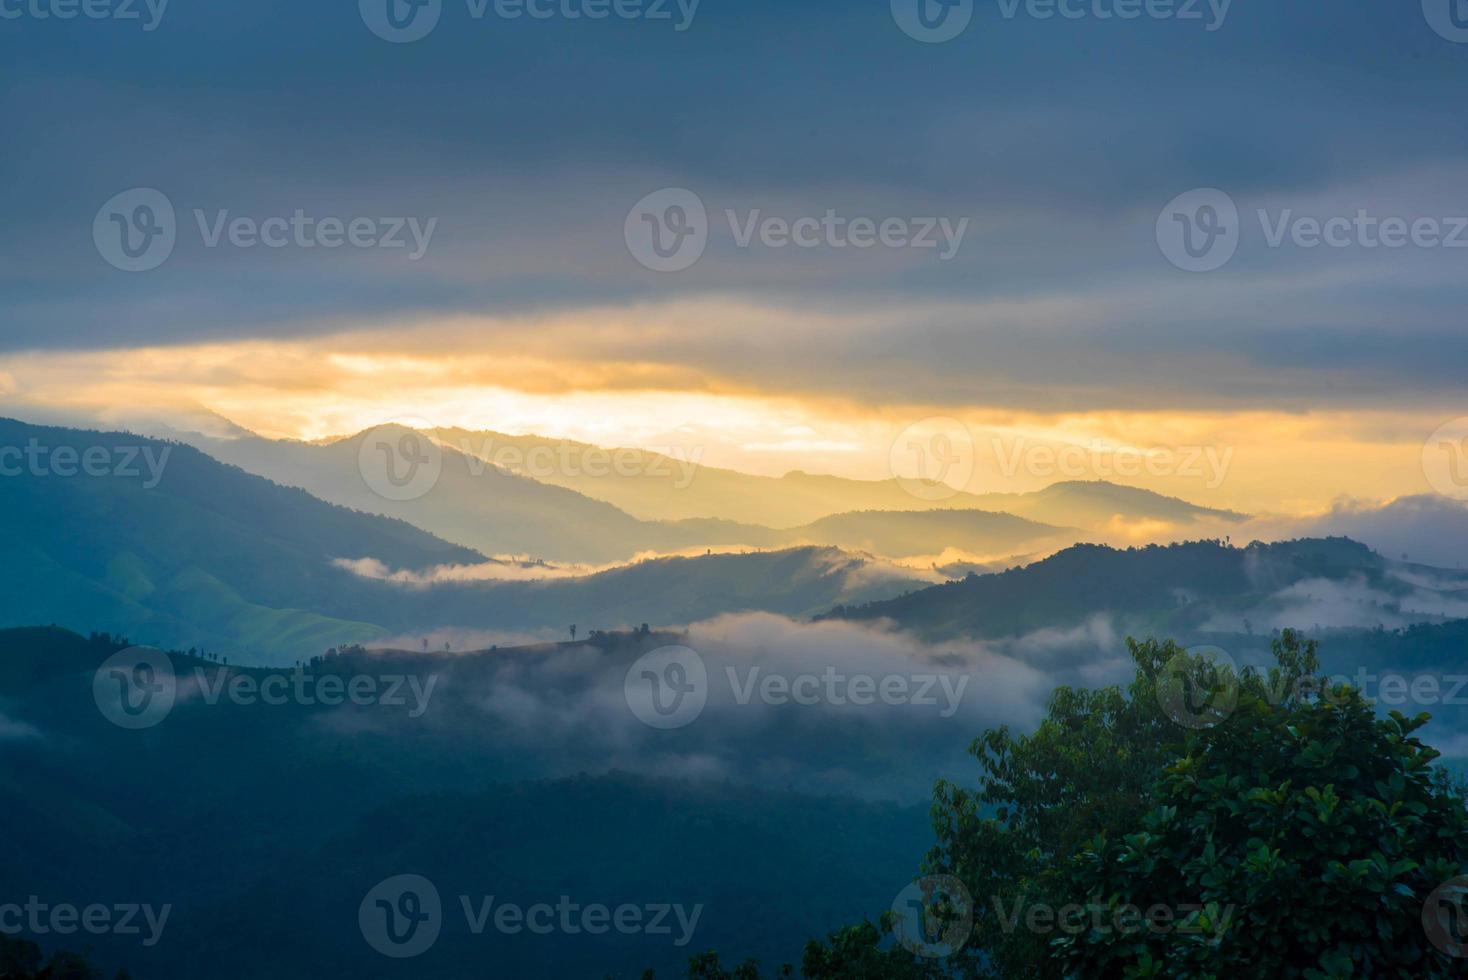 soleil qui brille à travers les nuages avec des montagnards silhouette photo